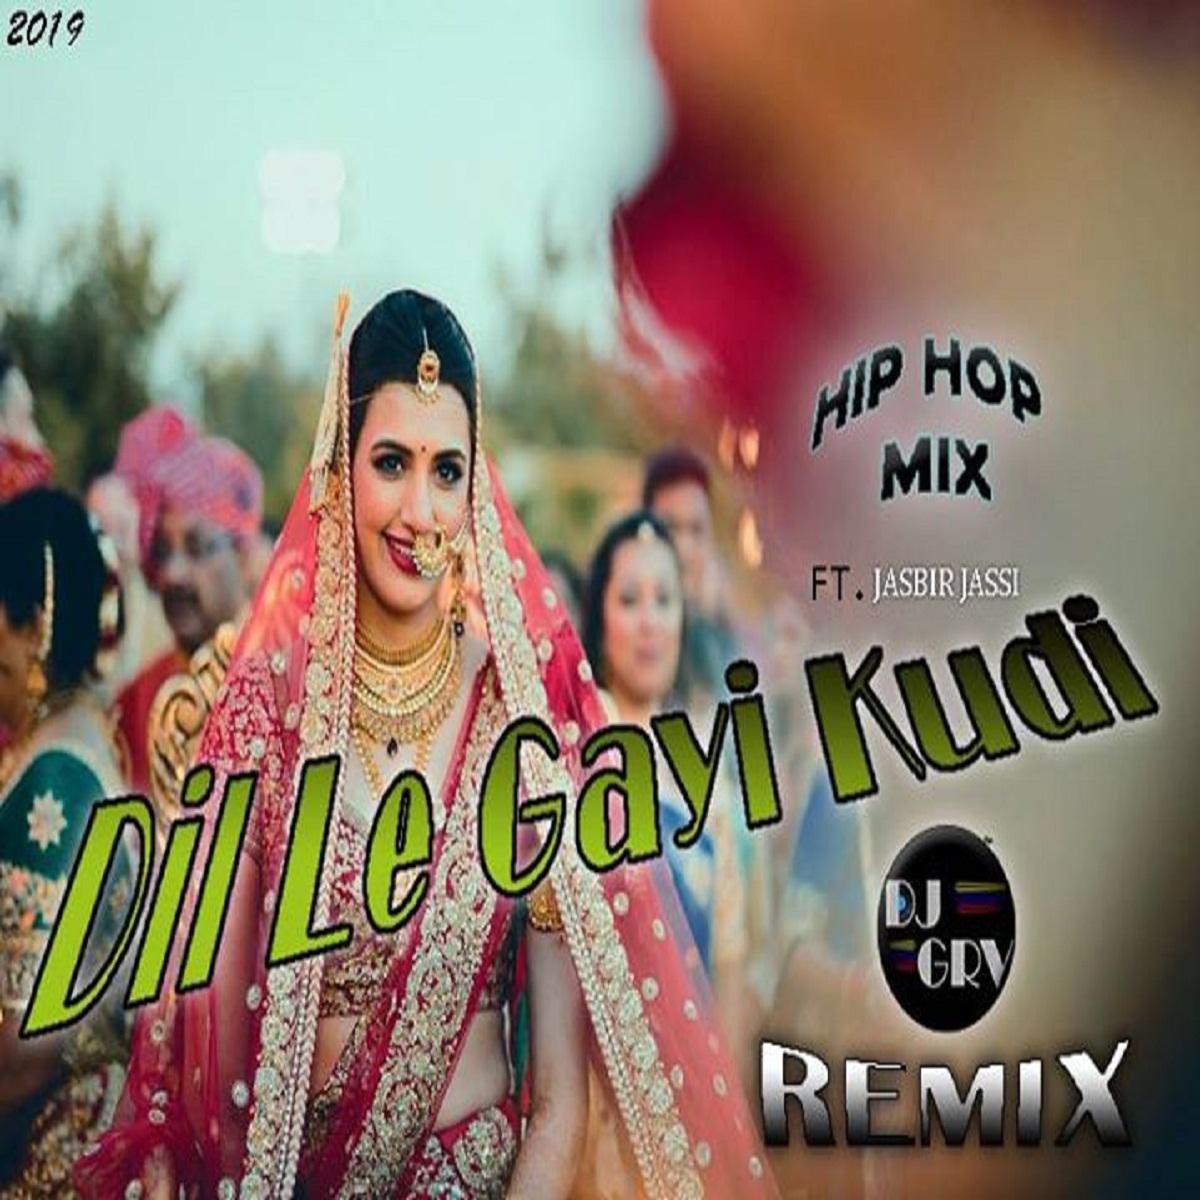 Dil Le Gayi Kudi - Dj Grv Remix 2019